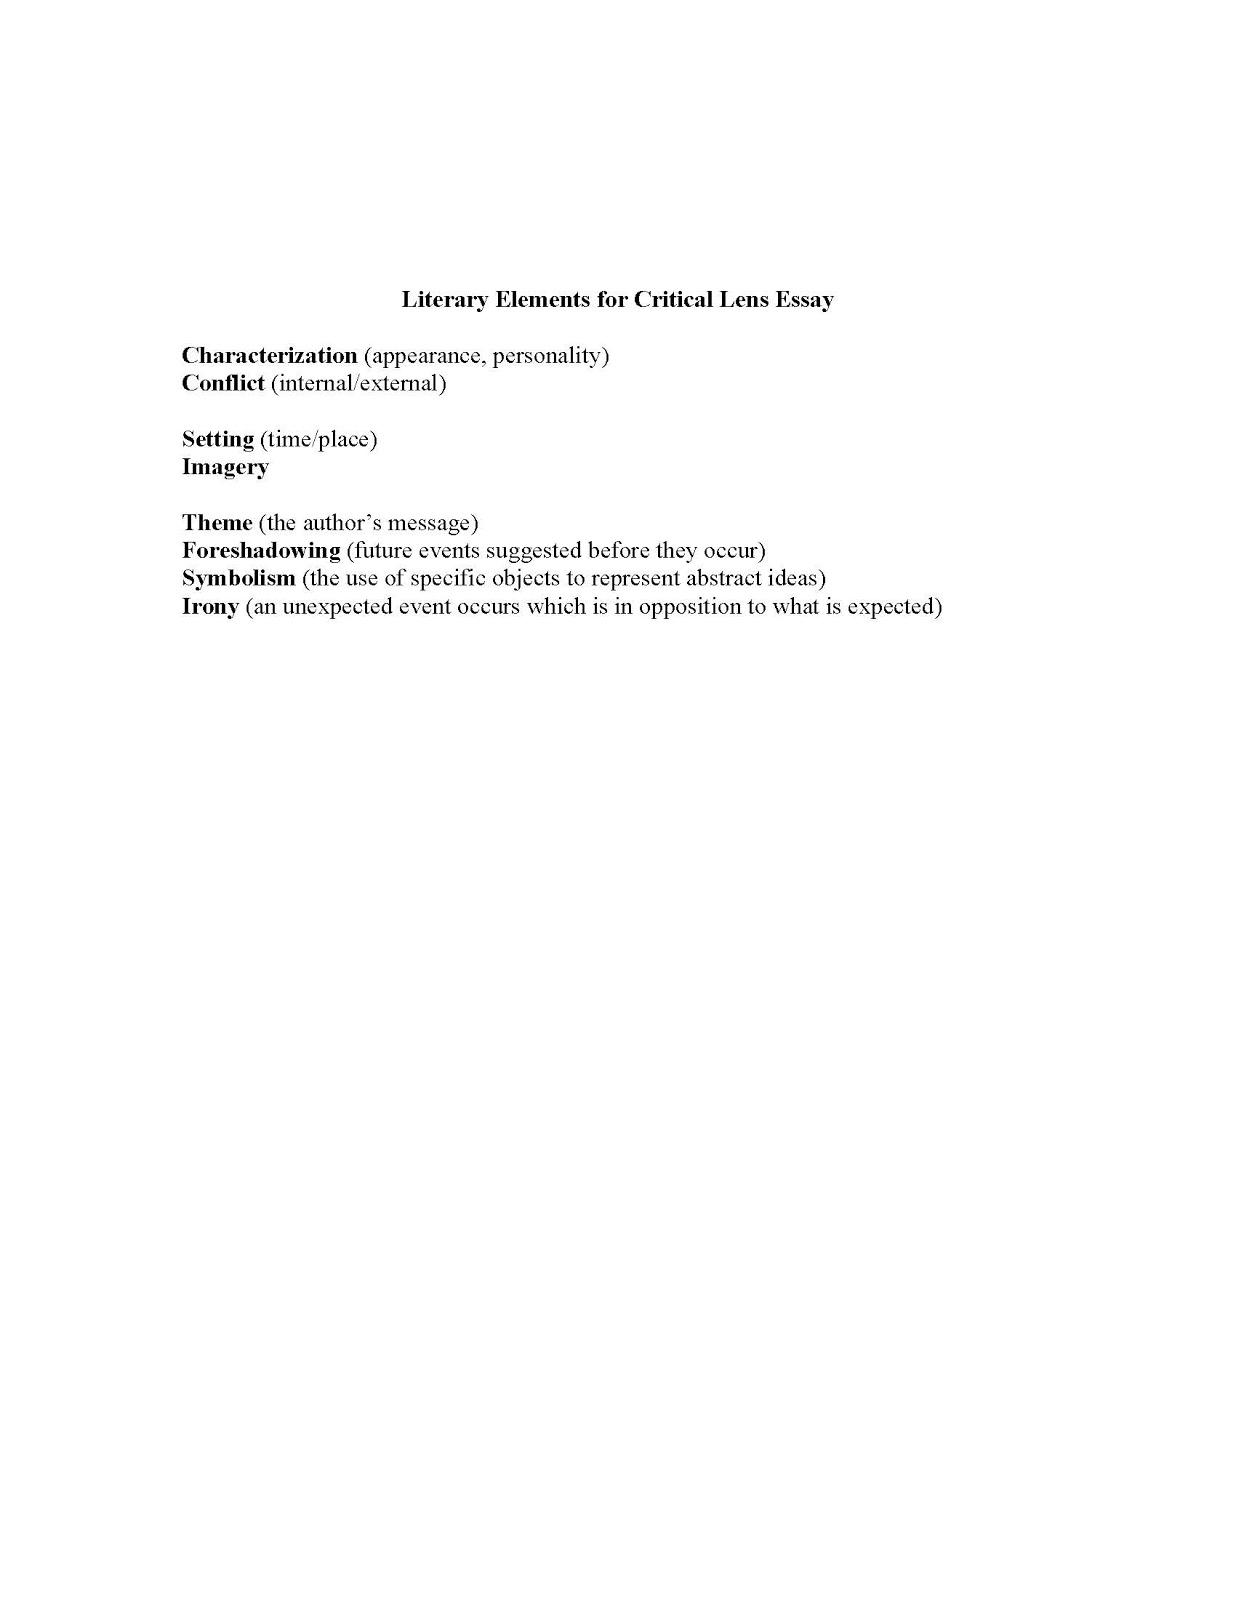 Critical lens essay outline